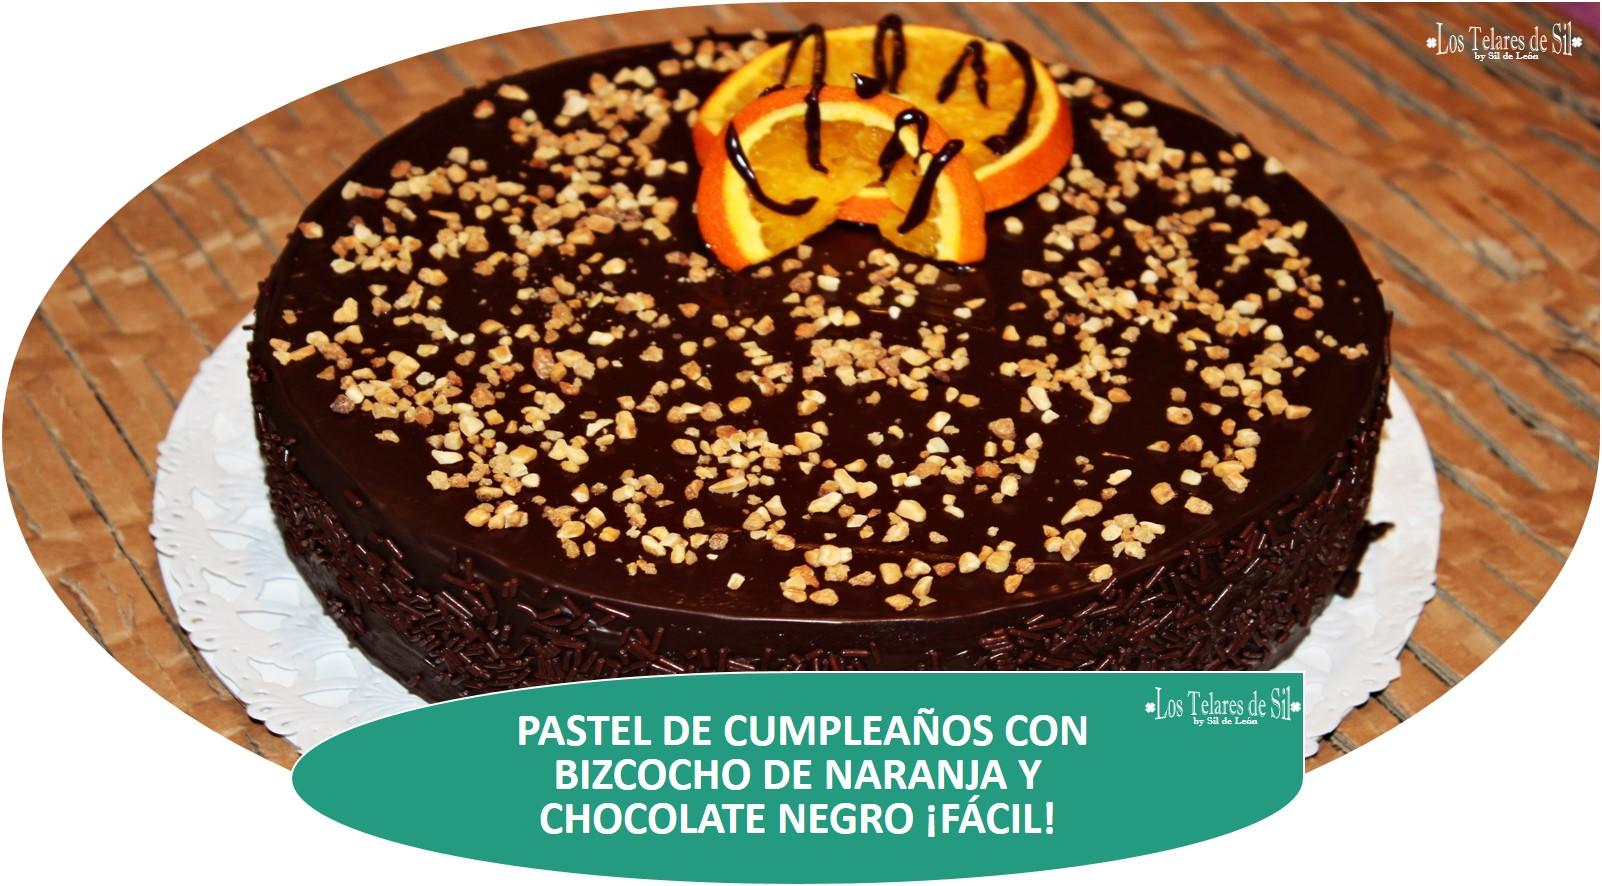 PASTEL DE CUMPLEAÑOS DE BIZCOCHO DE NARANJA Y CHOCOLATE NEGRO